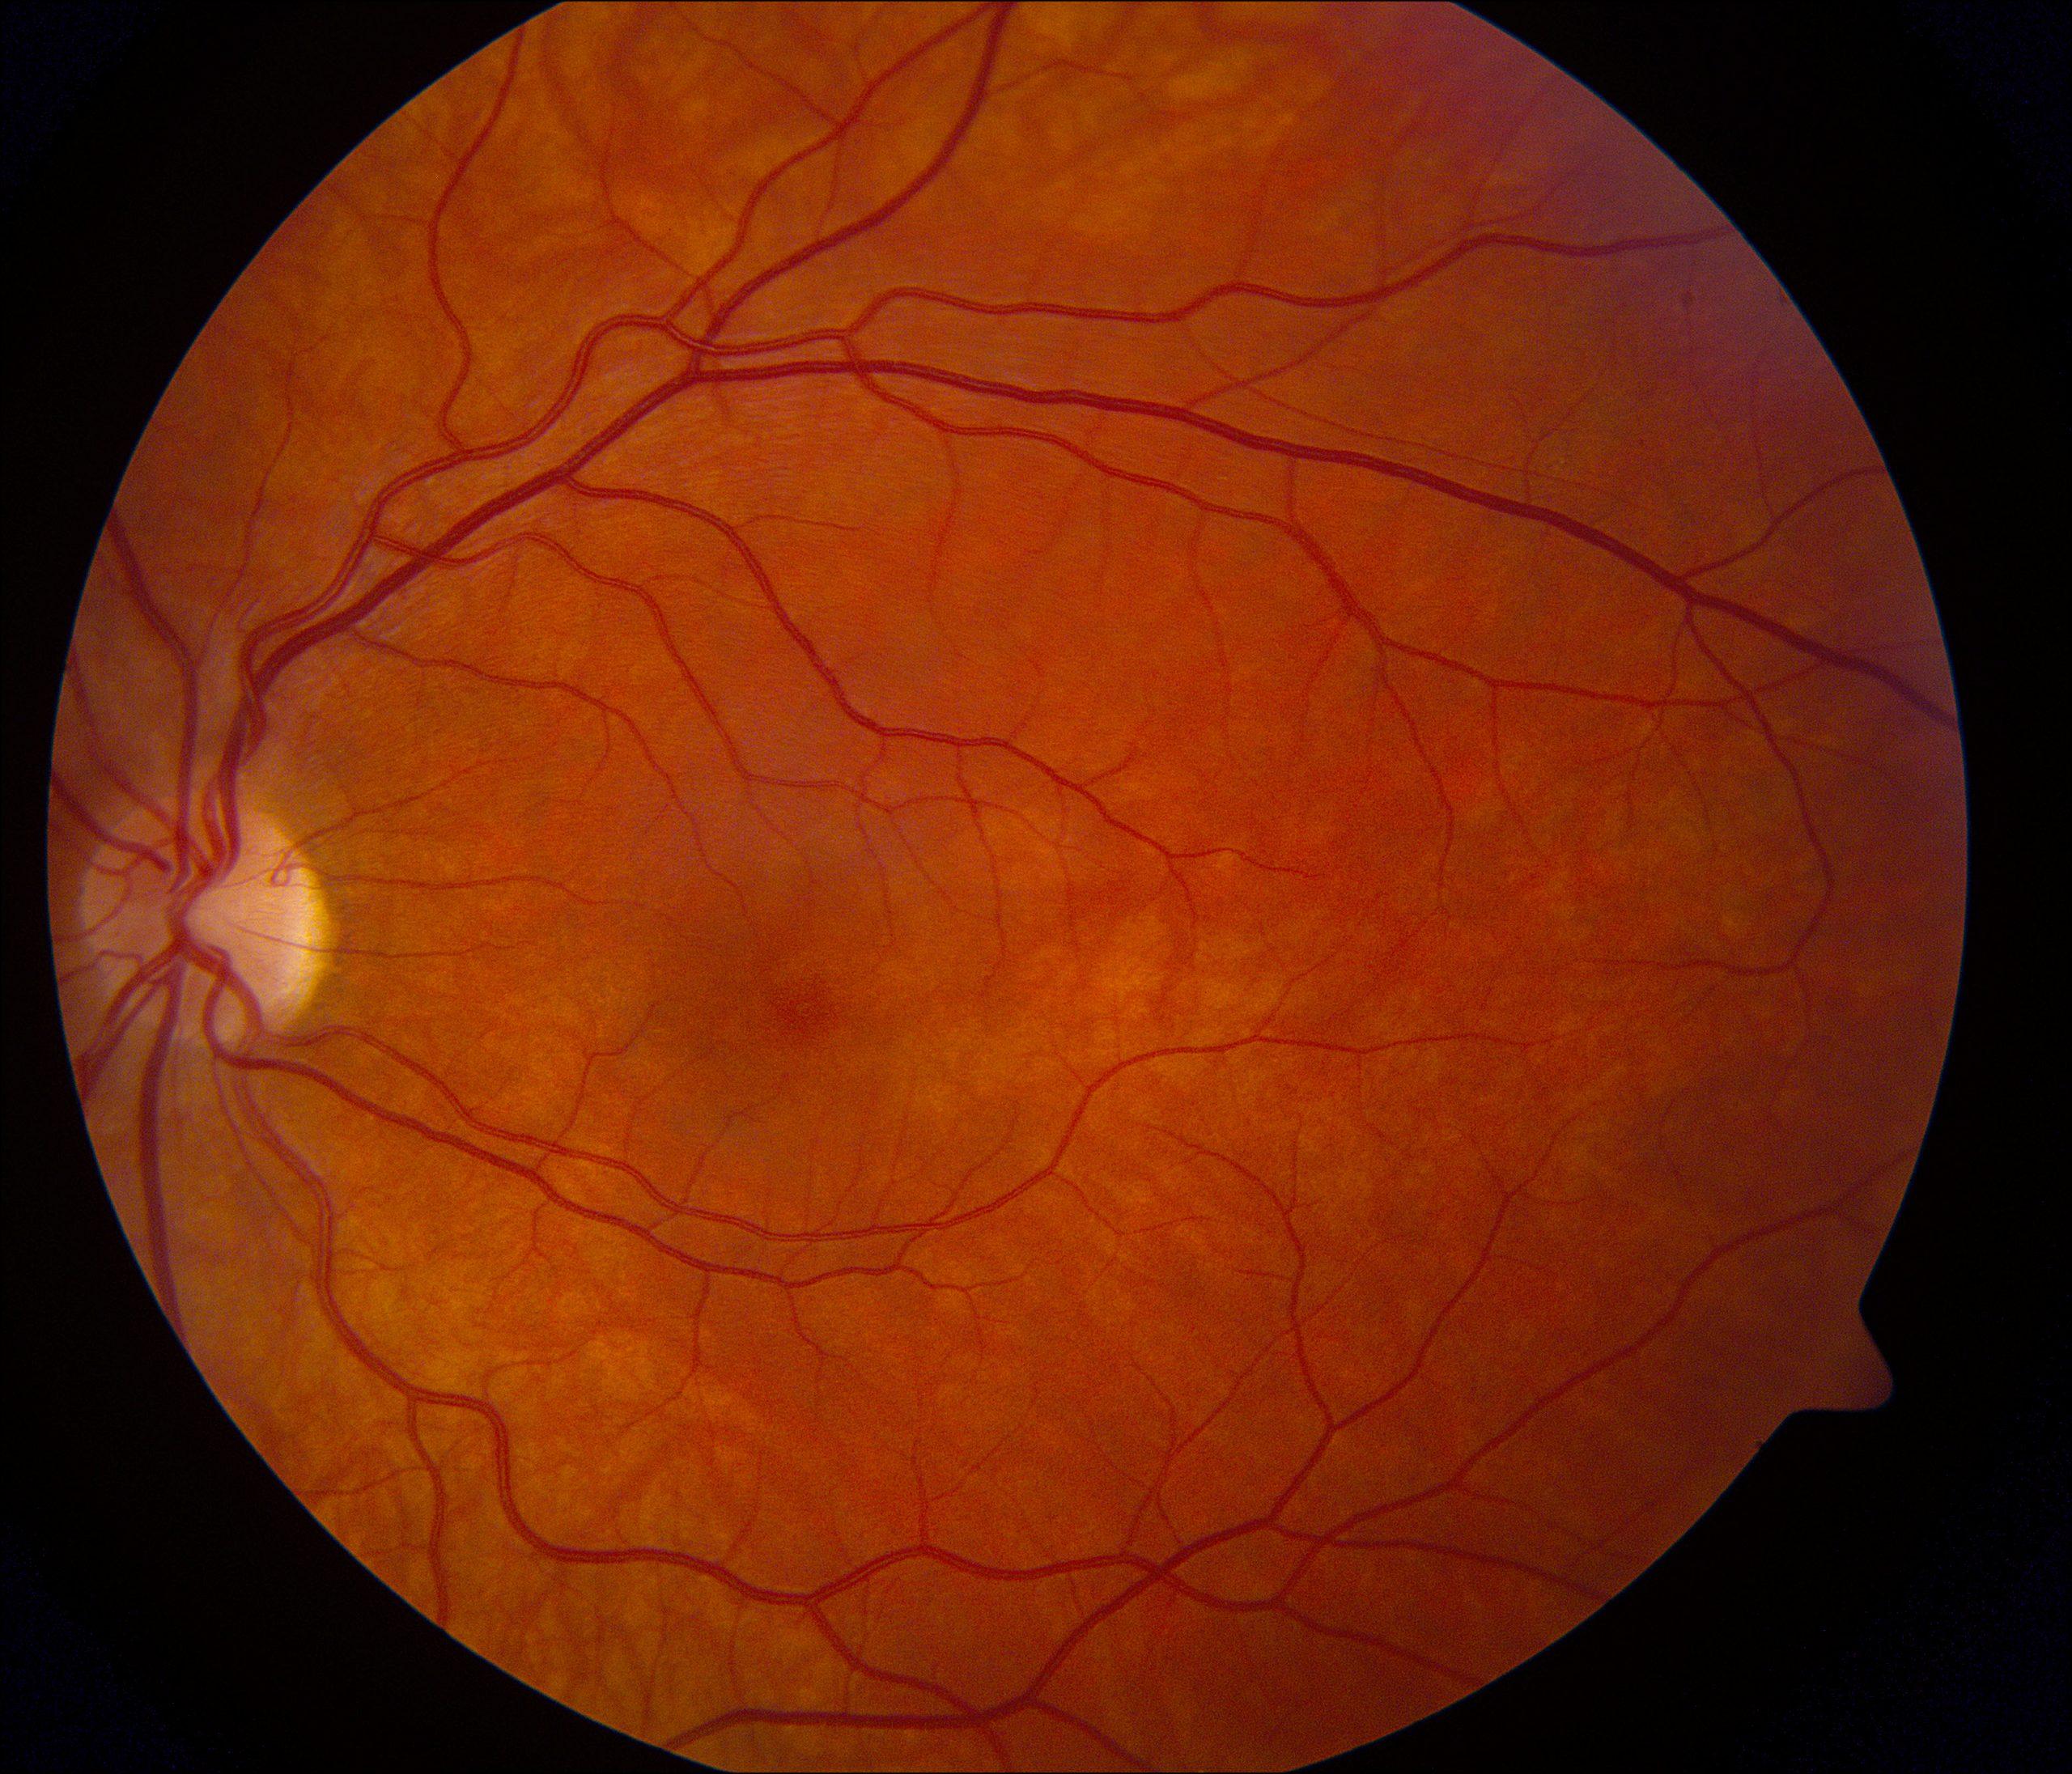 Κορωνοϊός μάτια: Σοβαρή βλάβη στον αμφιβληστροειδή